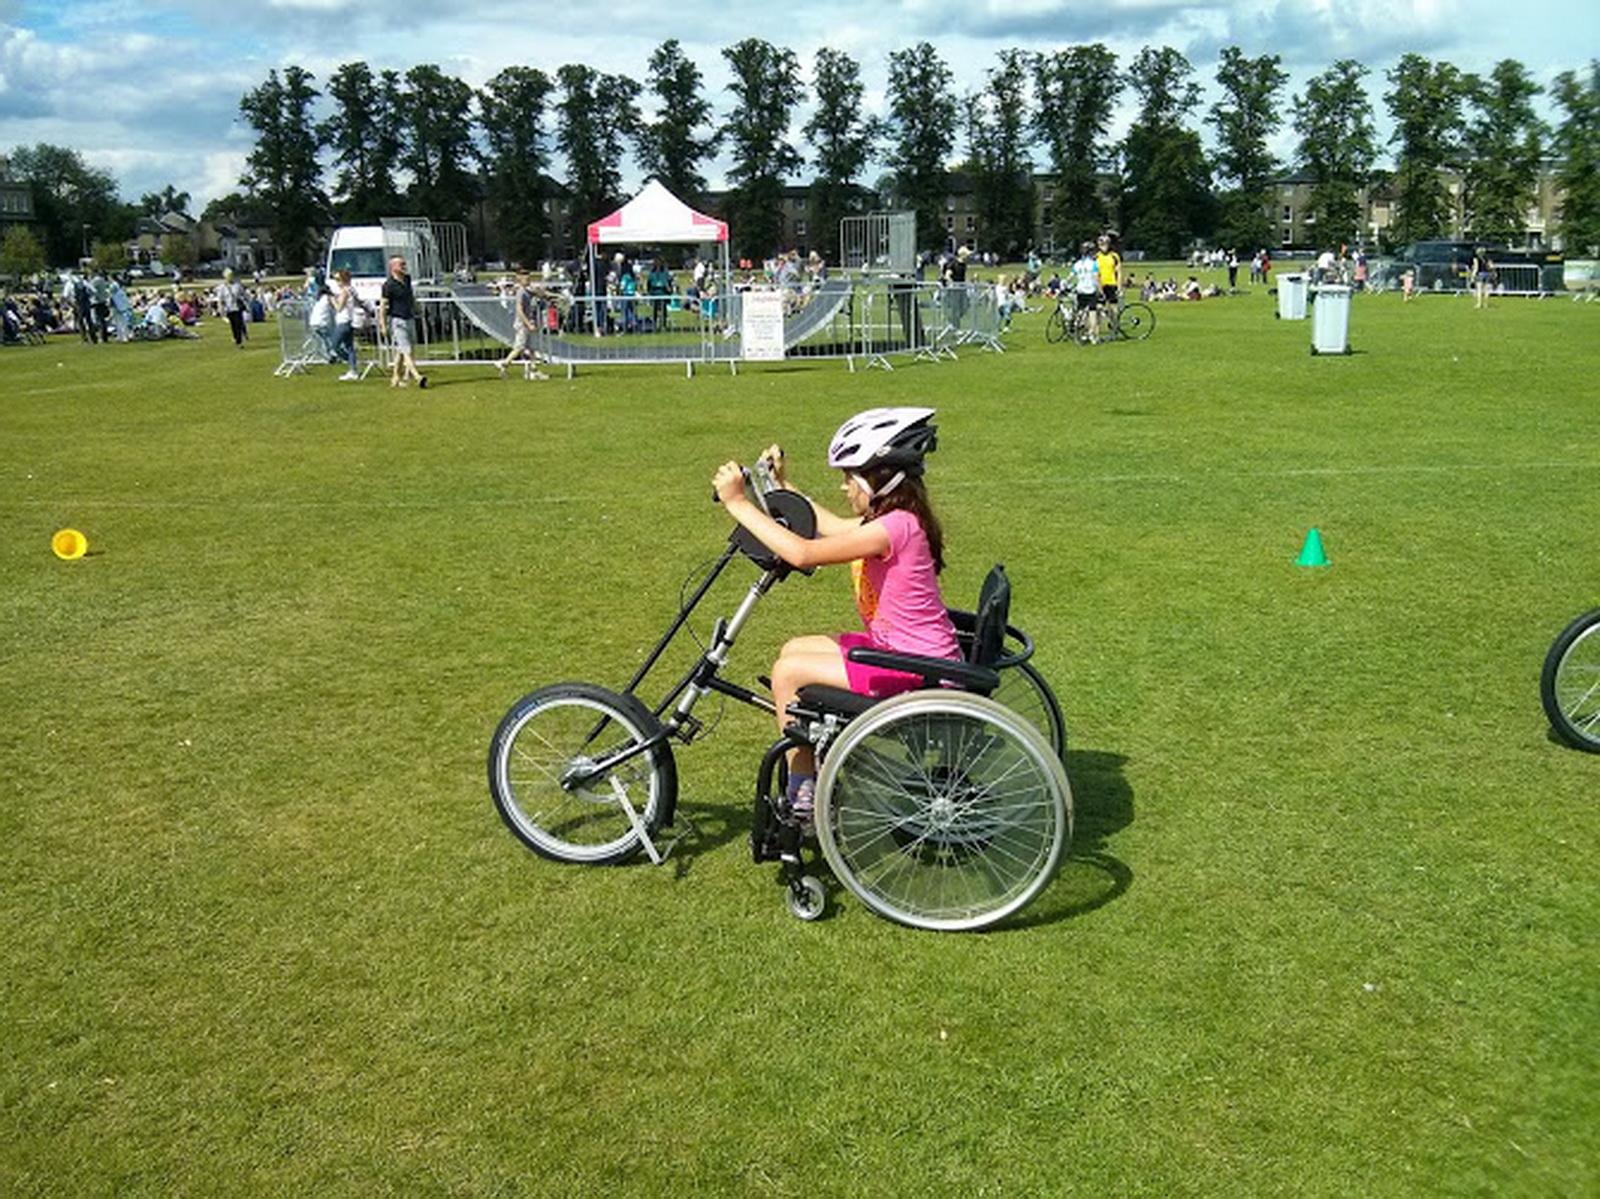 Ποδήλατο - αναπηρικό